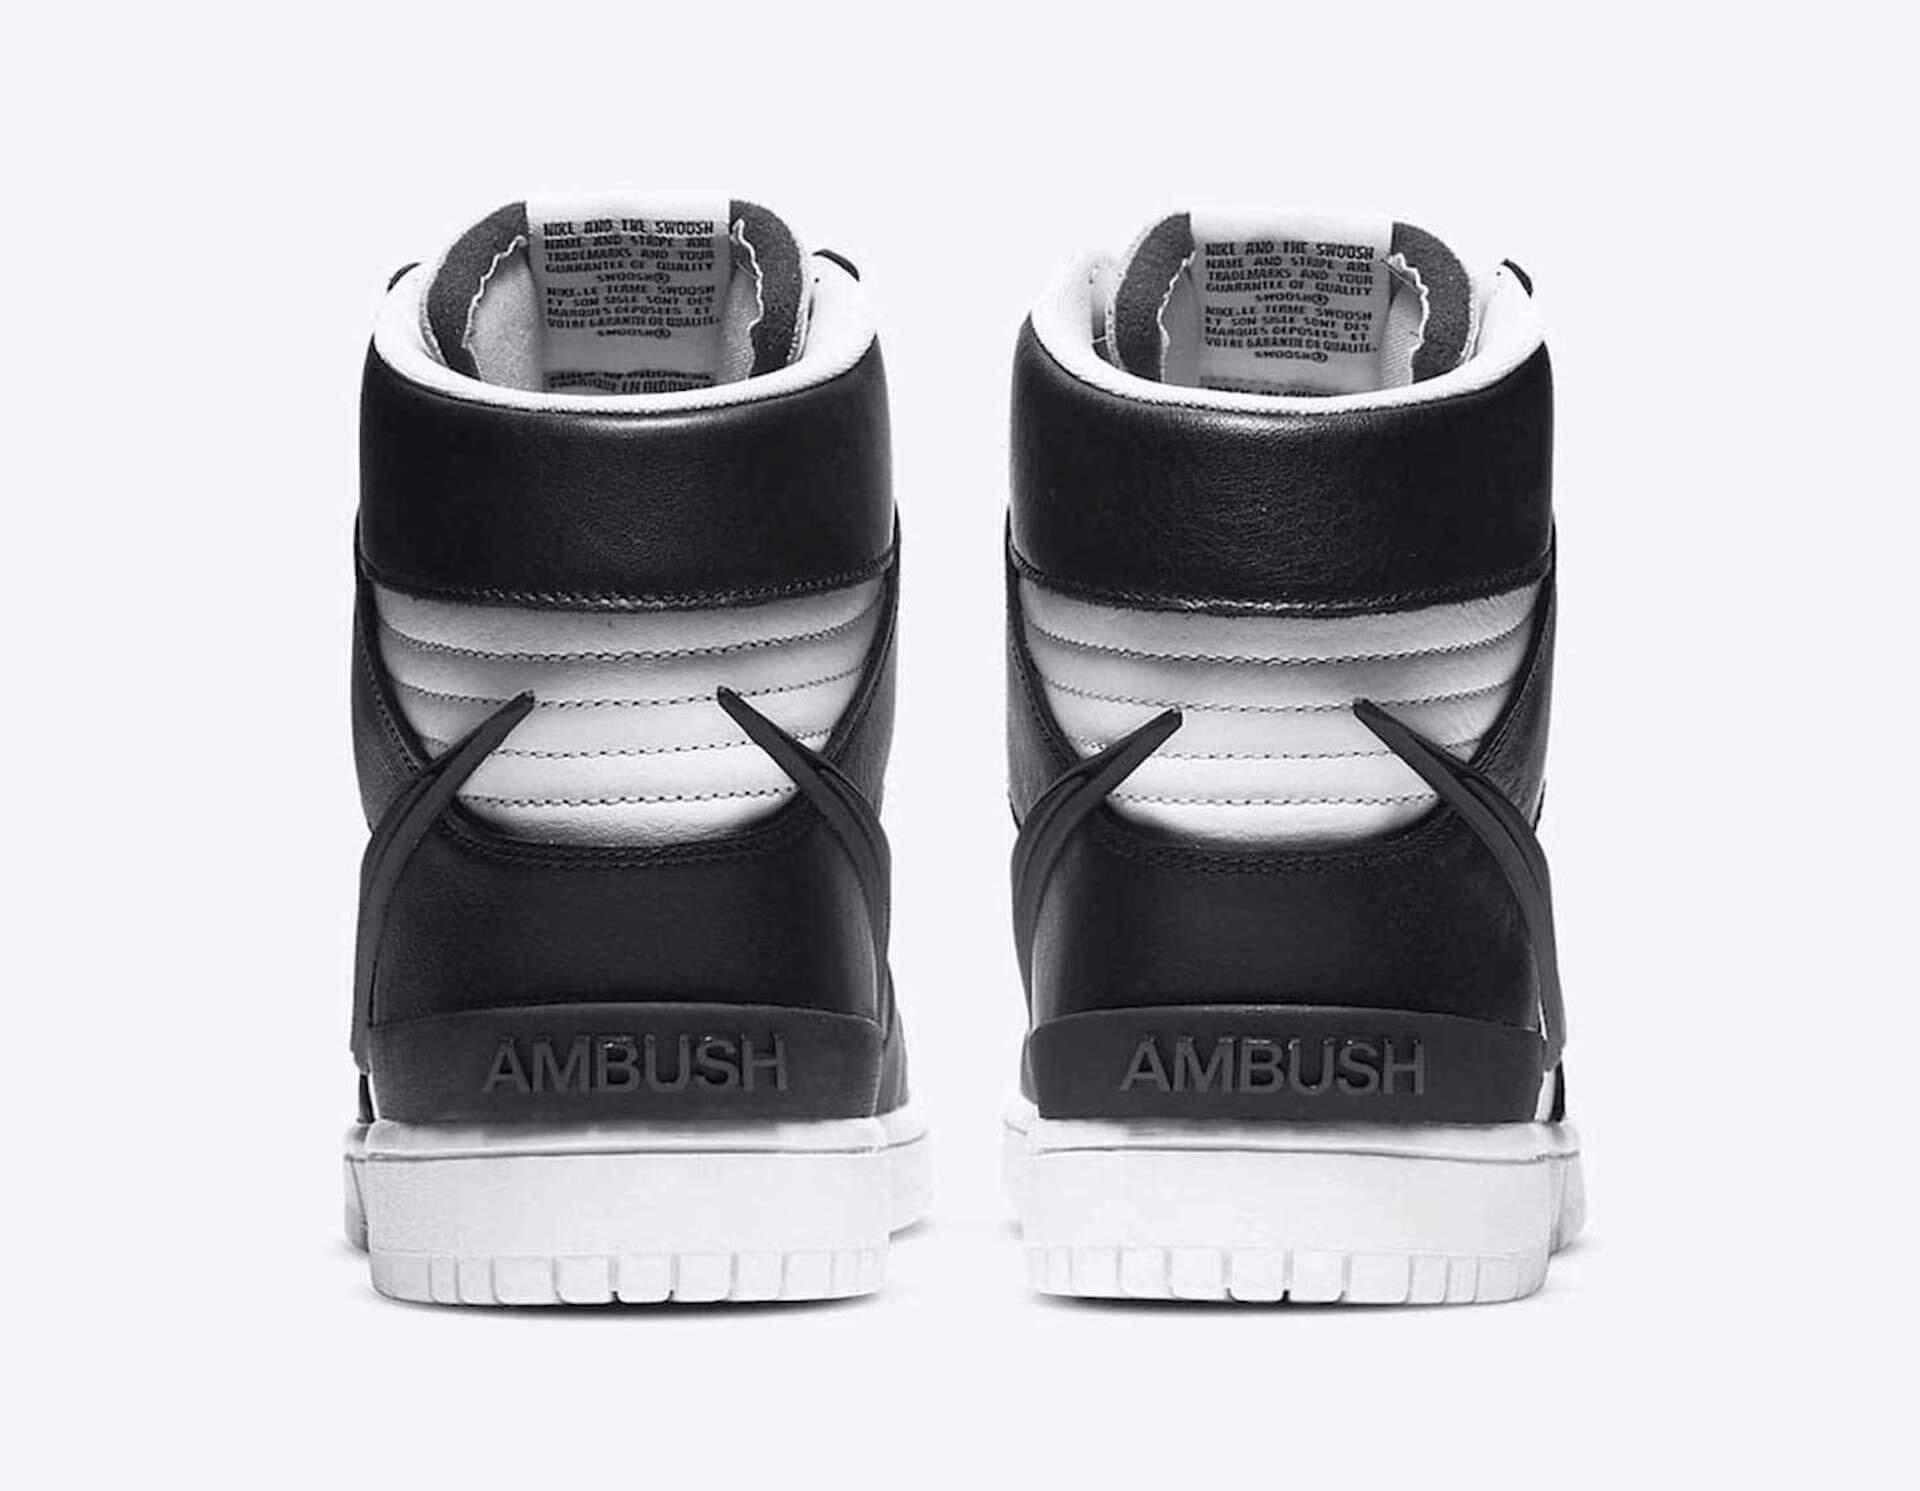 AMBUSH®からNBAとNIKEがYOONと共同でデザインした『NIKE x AMBUSH NBAコレクション』 を発表!NIKE DUNK HIも同時発 fashion2020124_nike_ambushnba_3